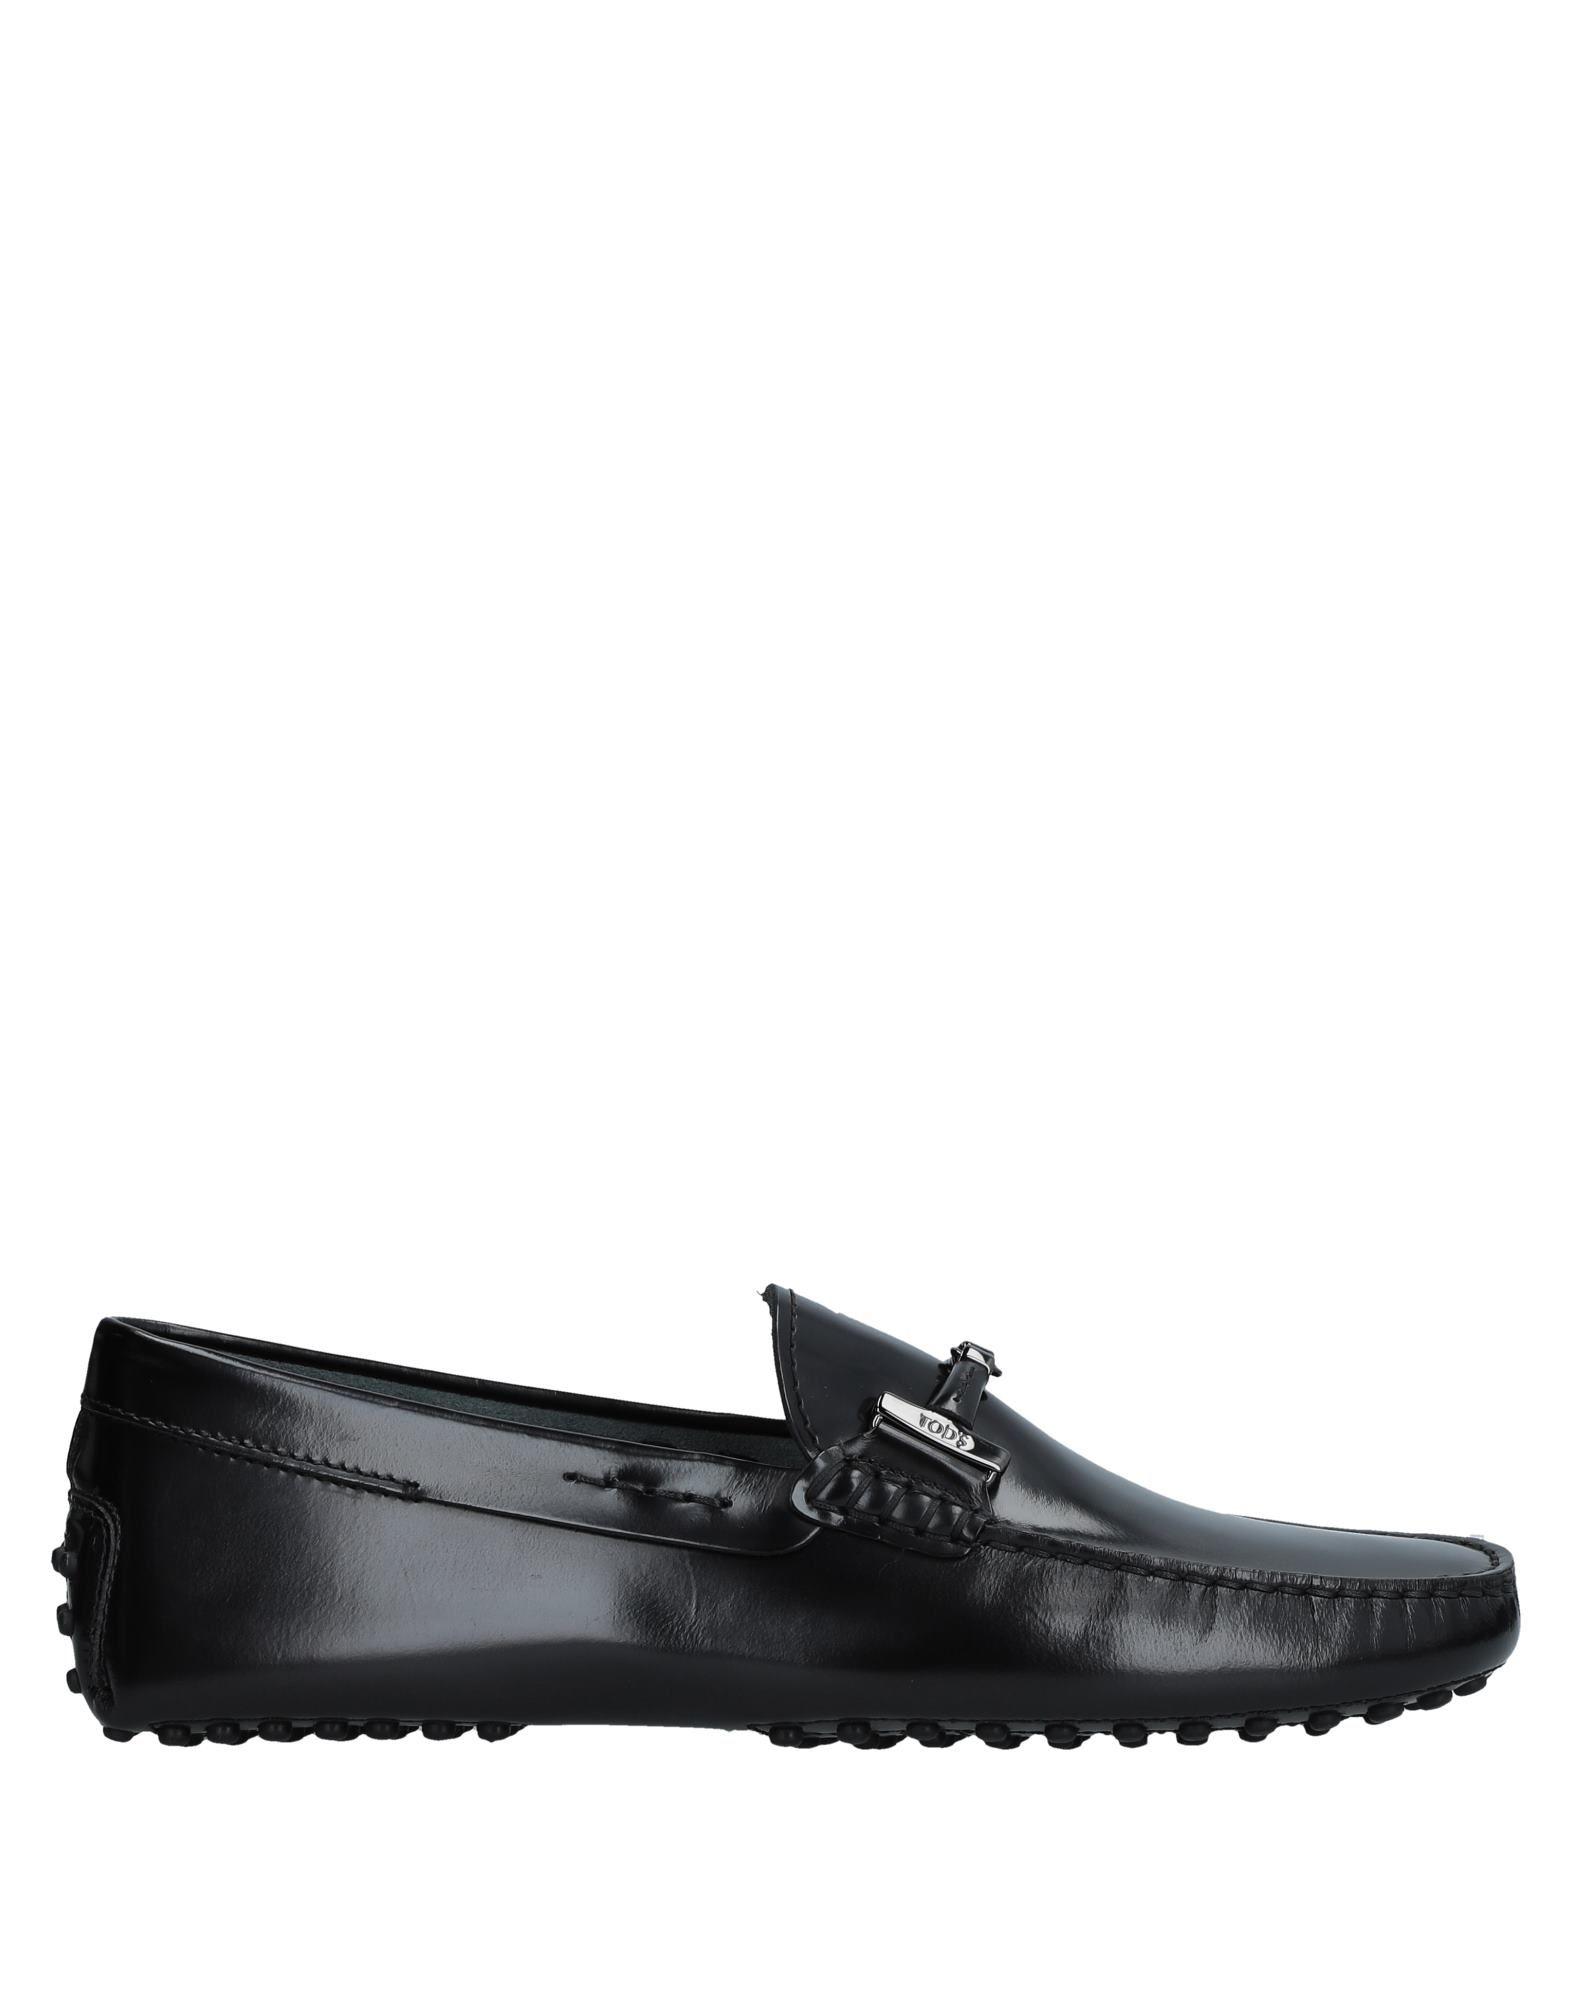 Tod's Mokassins Herren  11542392GW Gute Qualität beliebte Schuhe